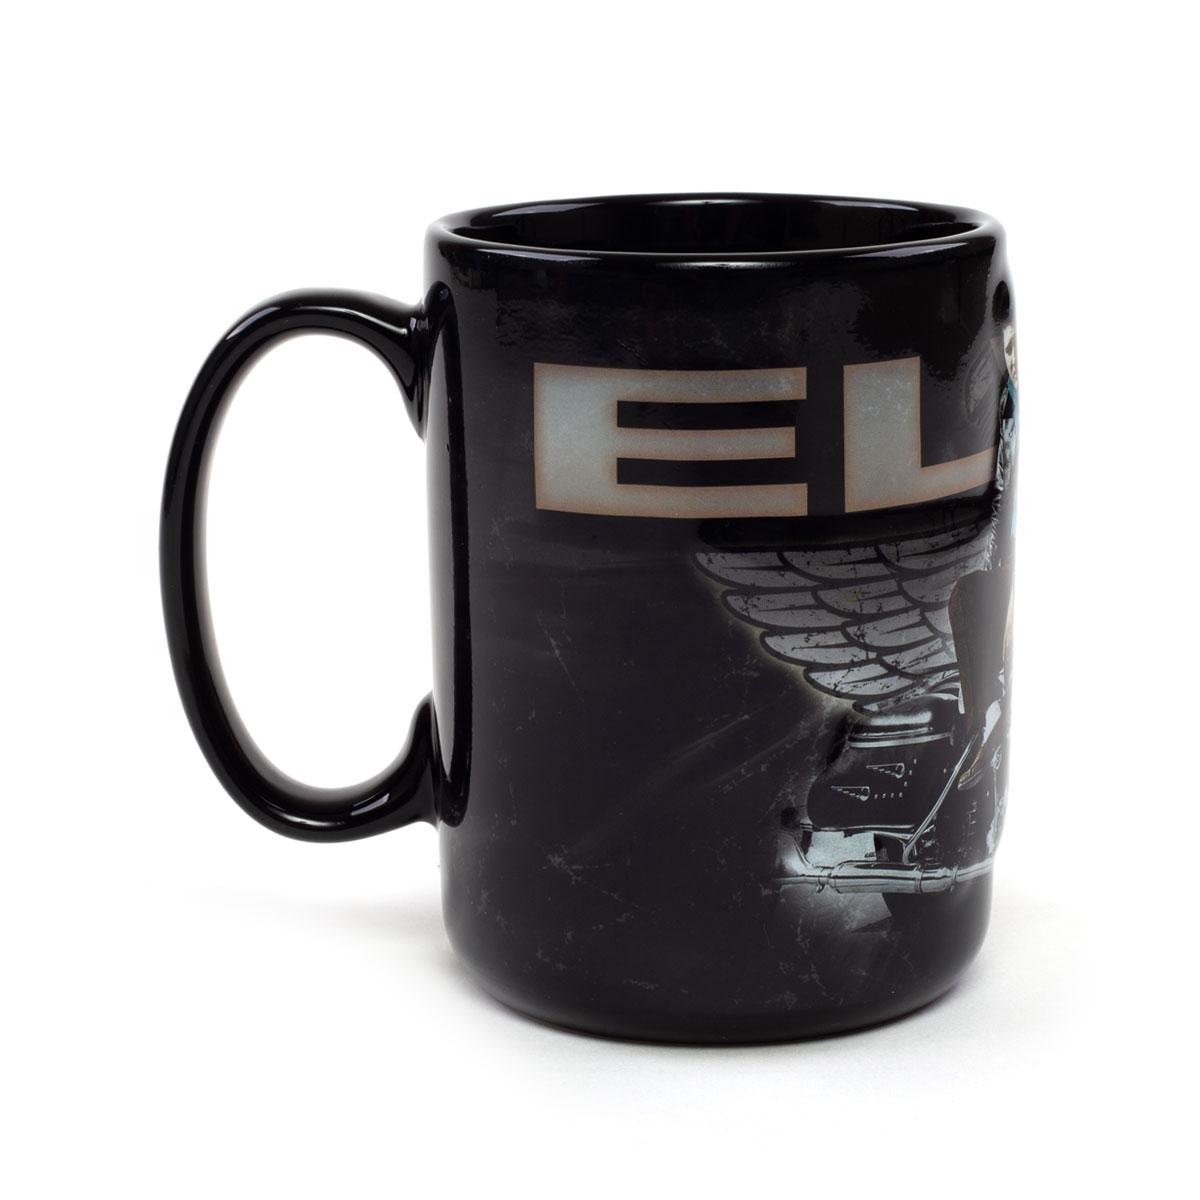 Elvis Presley Motorcycle Mug